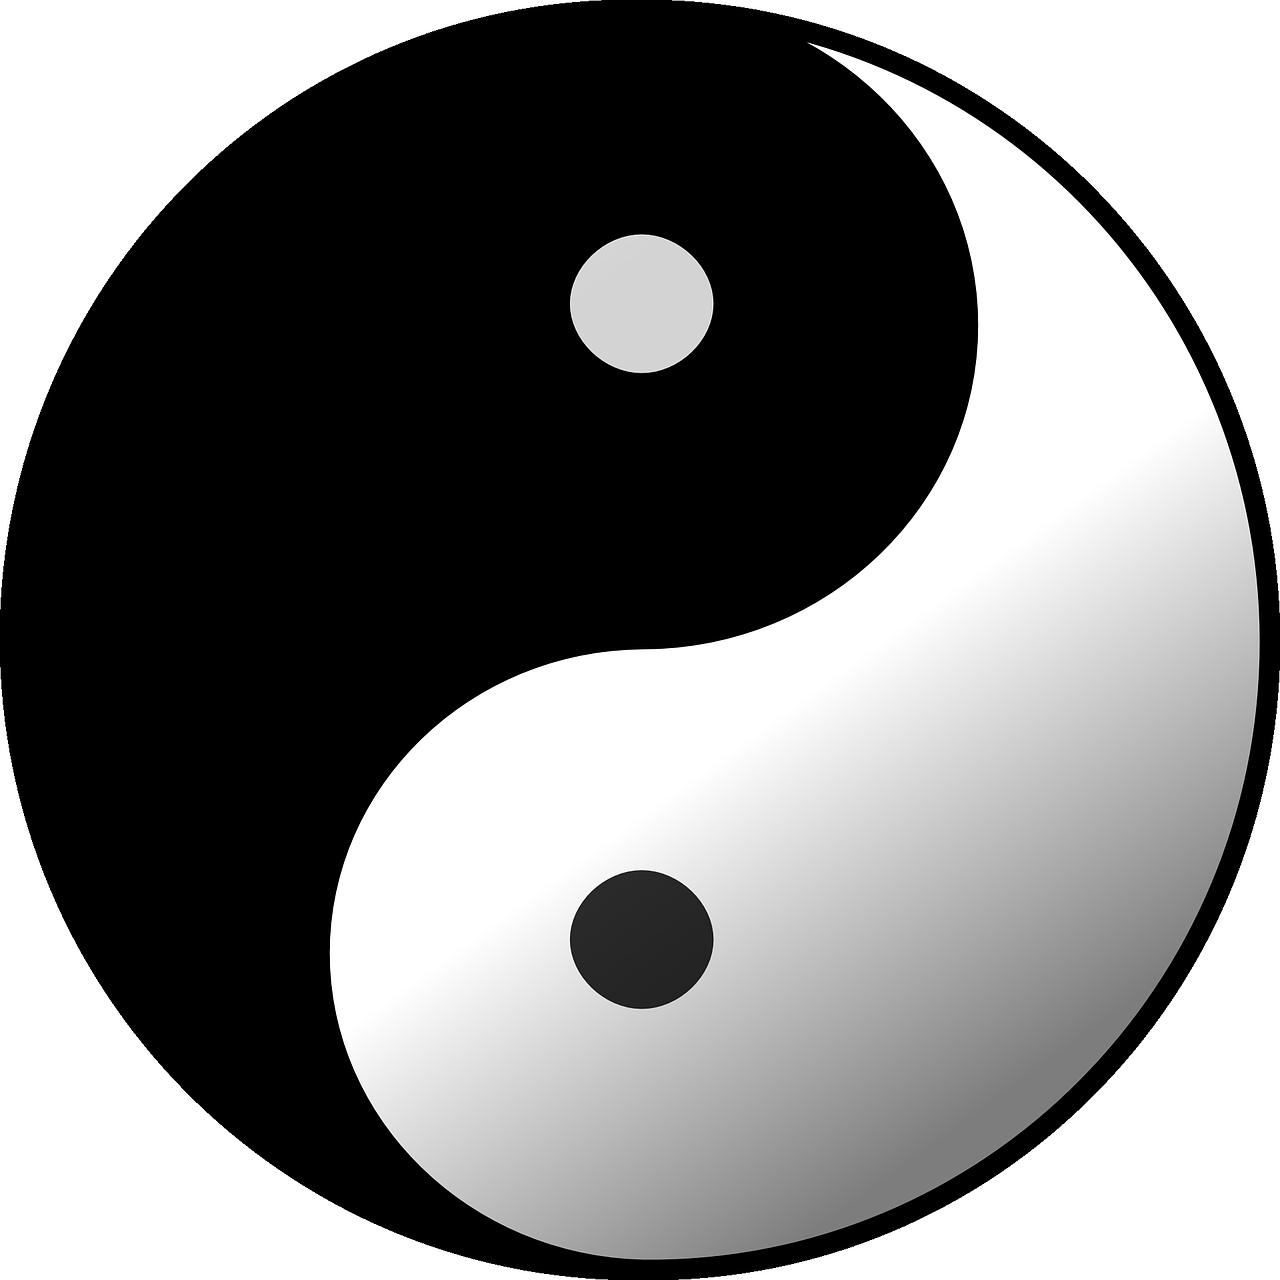 Weiblich und männlich / Yin und Yang